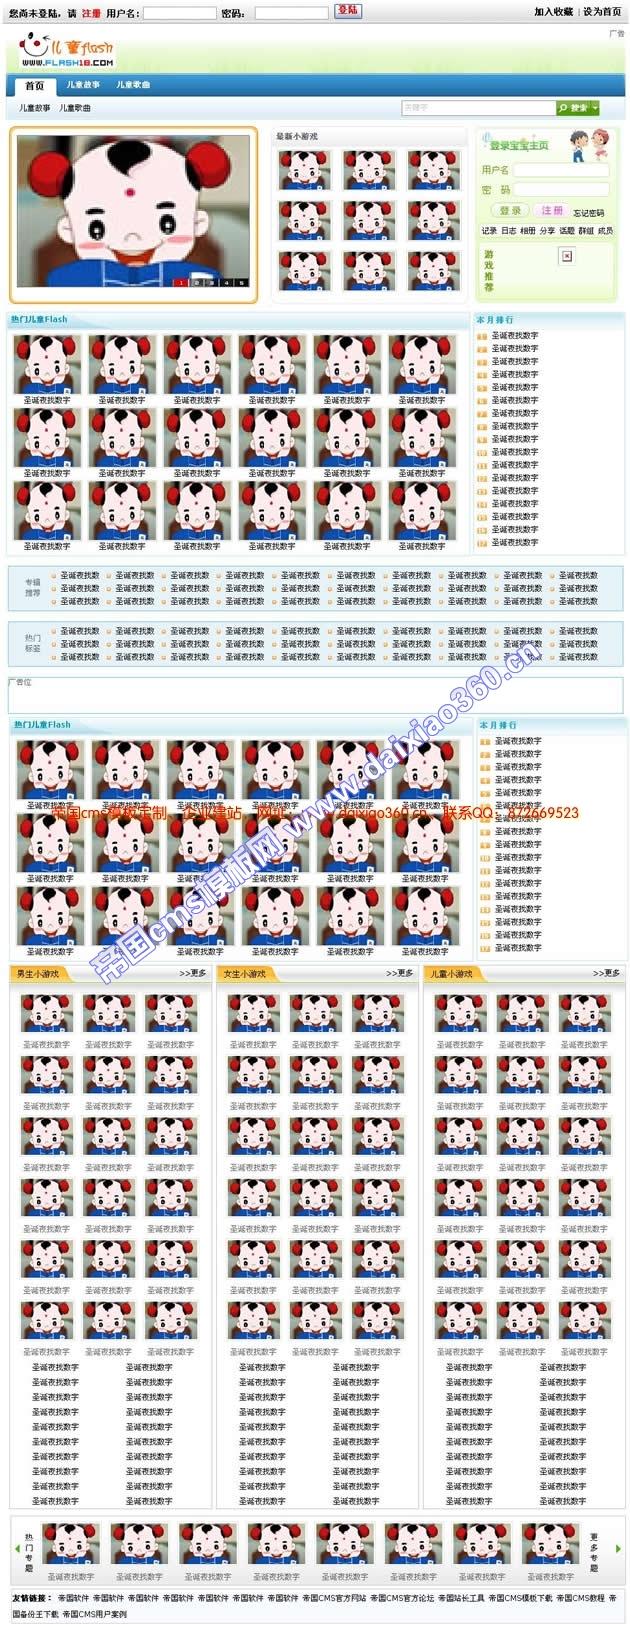 适合做儿童flash的<a href=http://www.daixiao360.cn/ target=_blank class=infotextkey>帝国cms模板</a>